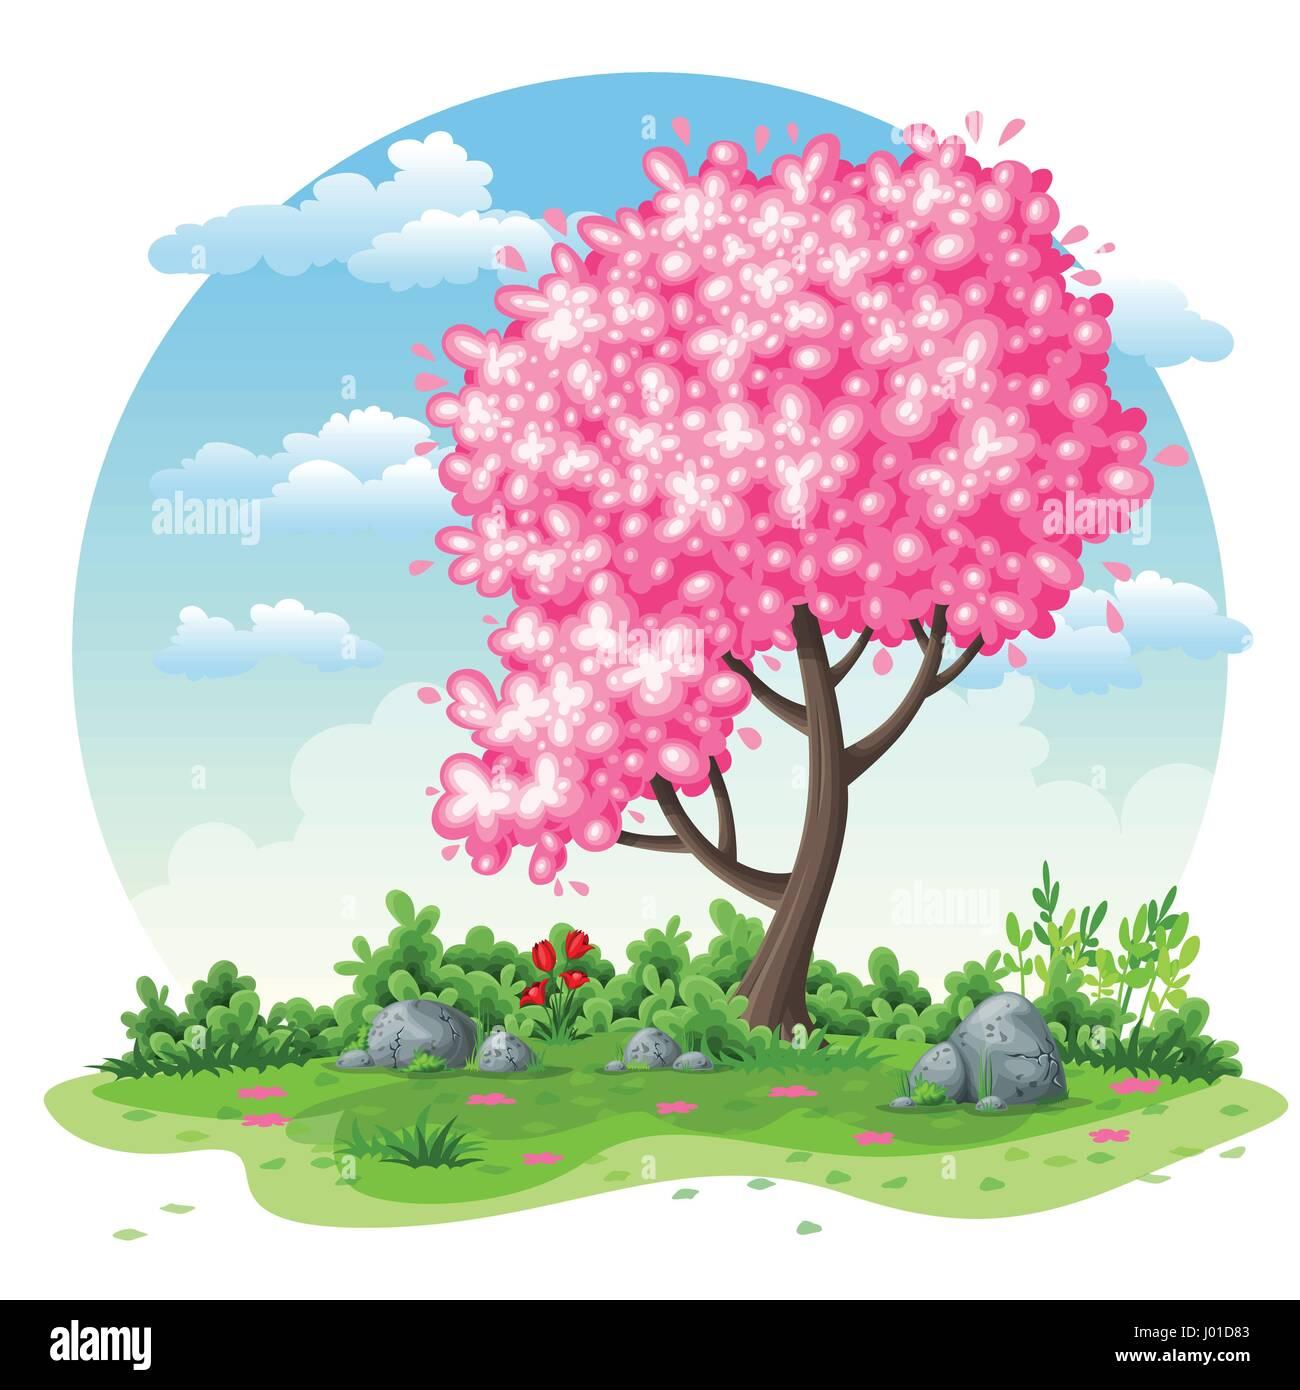 Naturaleza De Primavera Fondo De Dibujos Animados Ilustración Del